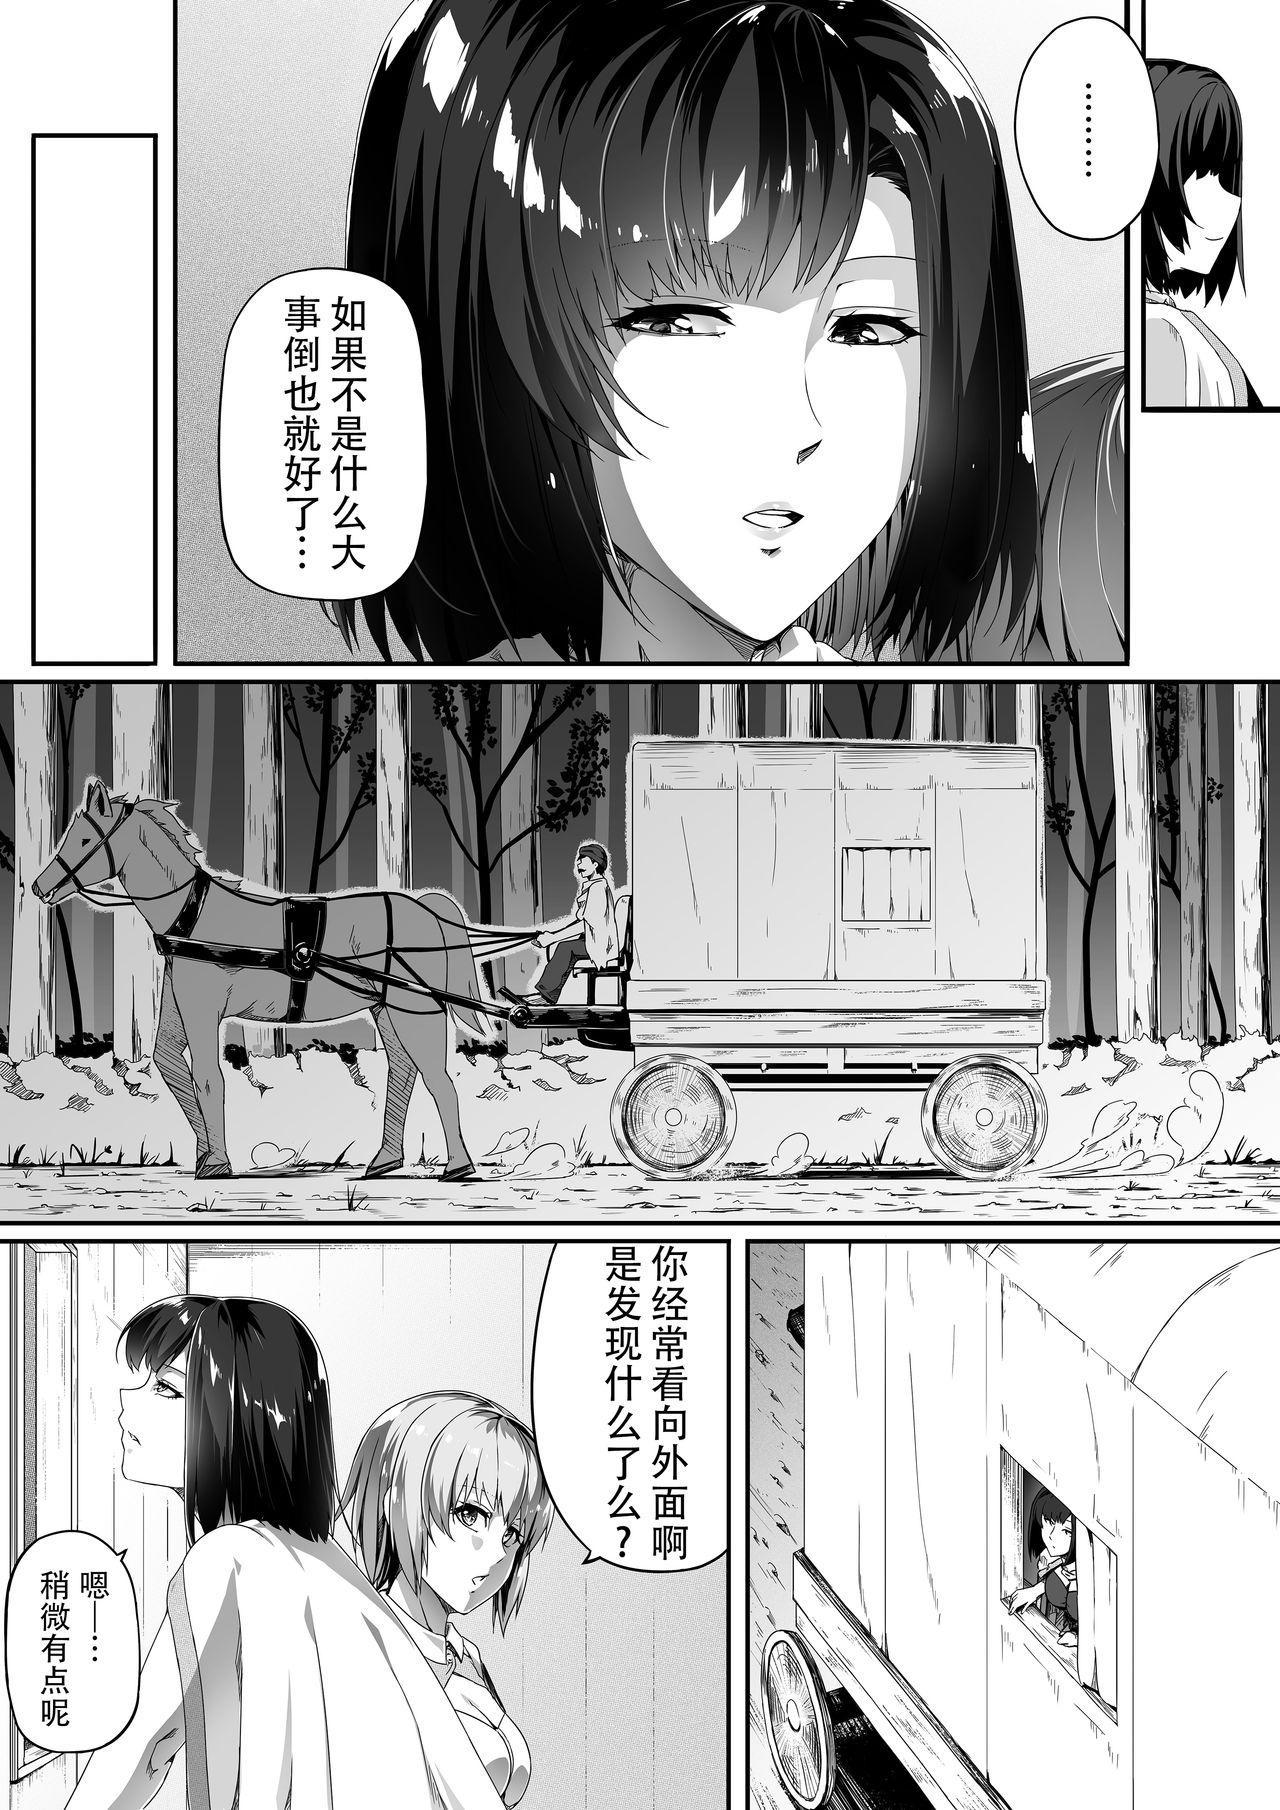 Chikara Aru Succubus wa Seiyoku o Mitashitai dake. 1 10